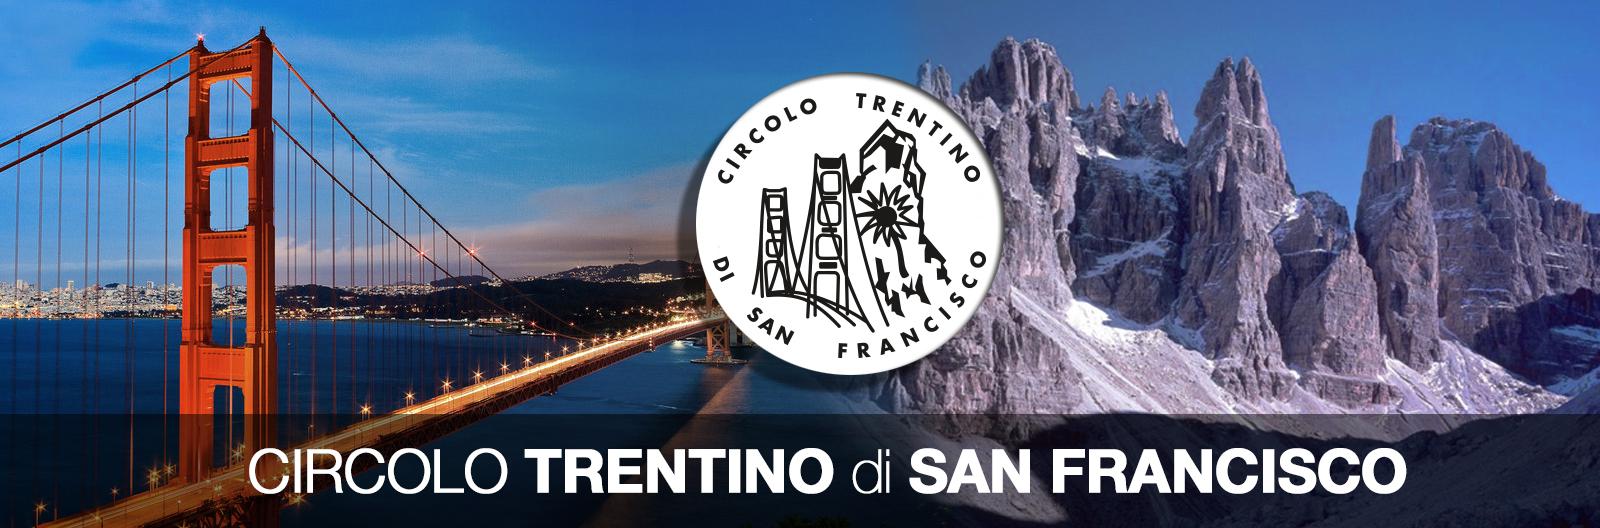 CIRCOLO TRENTINO DI SAN FRANCISCO